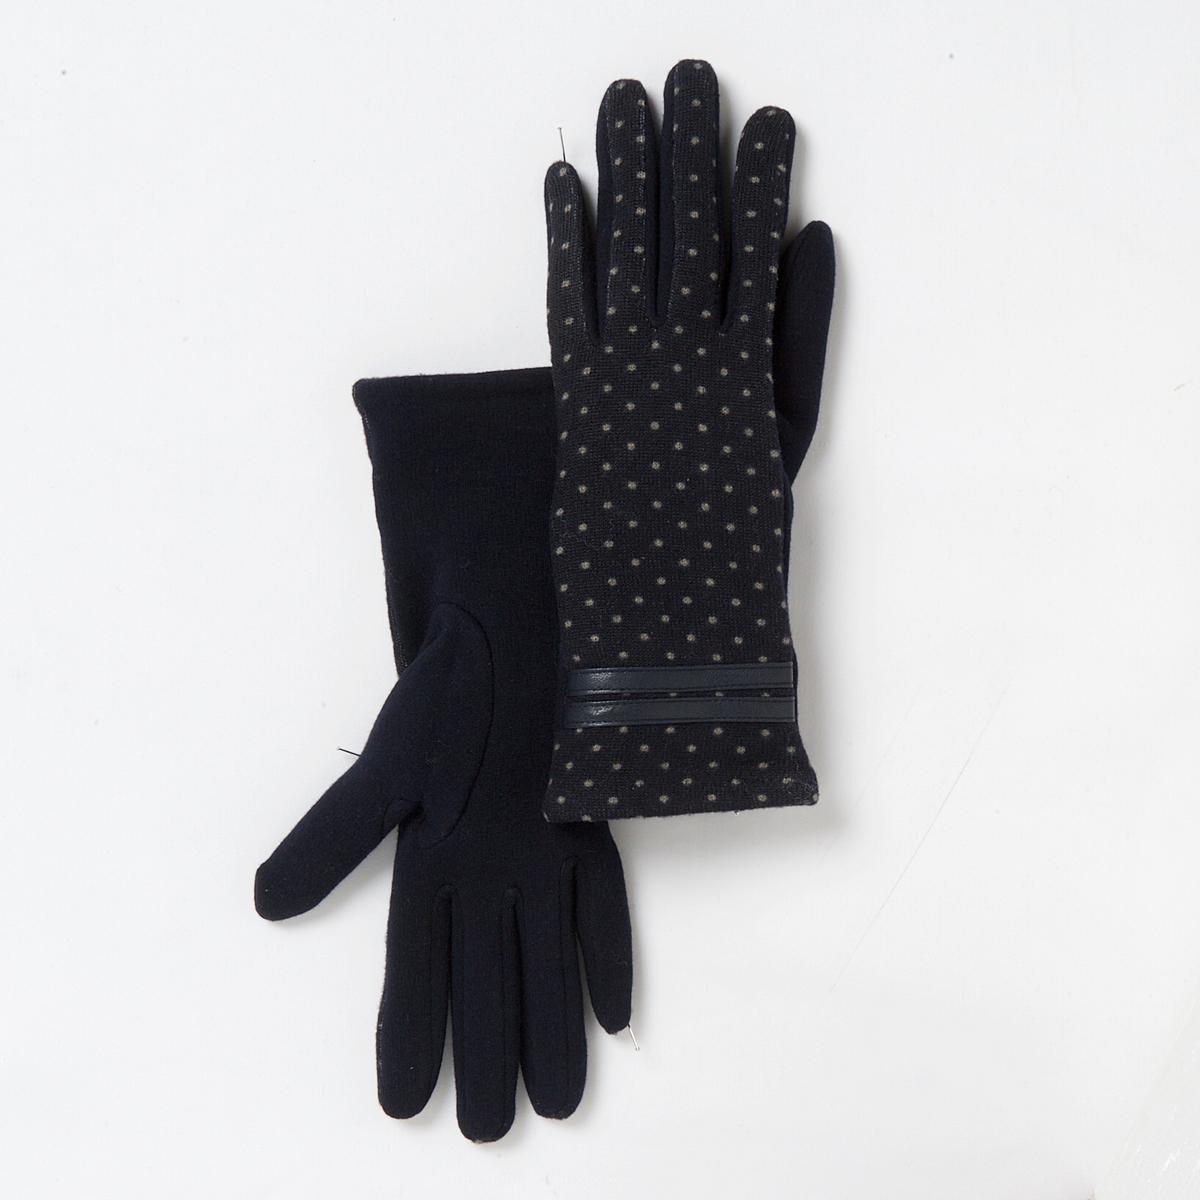 Перчатки - MADEMOISELLE RПерчатки MADEMOISELLE R.Материал: 80% полиэстера, 20% шерсти<br><br>Цвет: темно-синий в горошек<br>Размер: единый размер